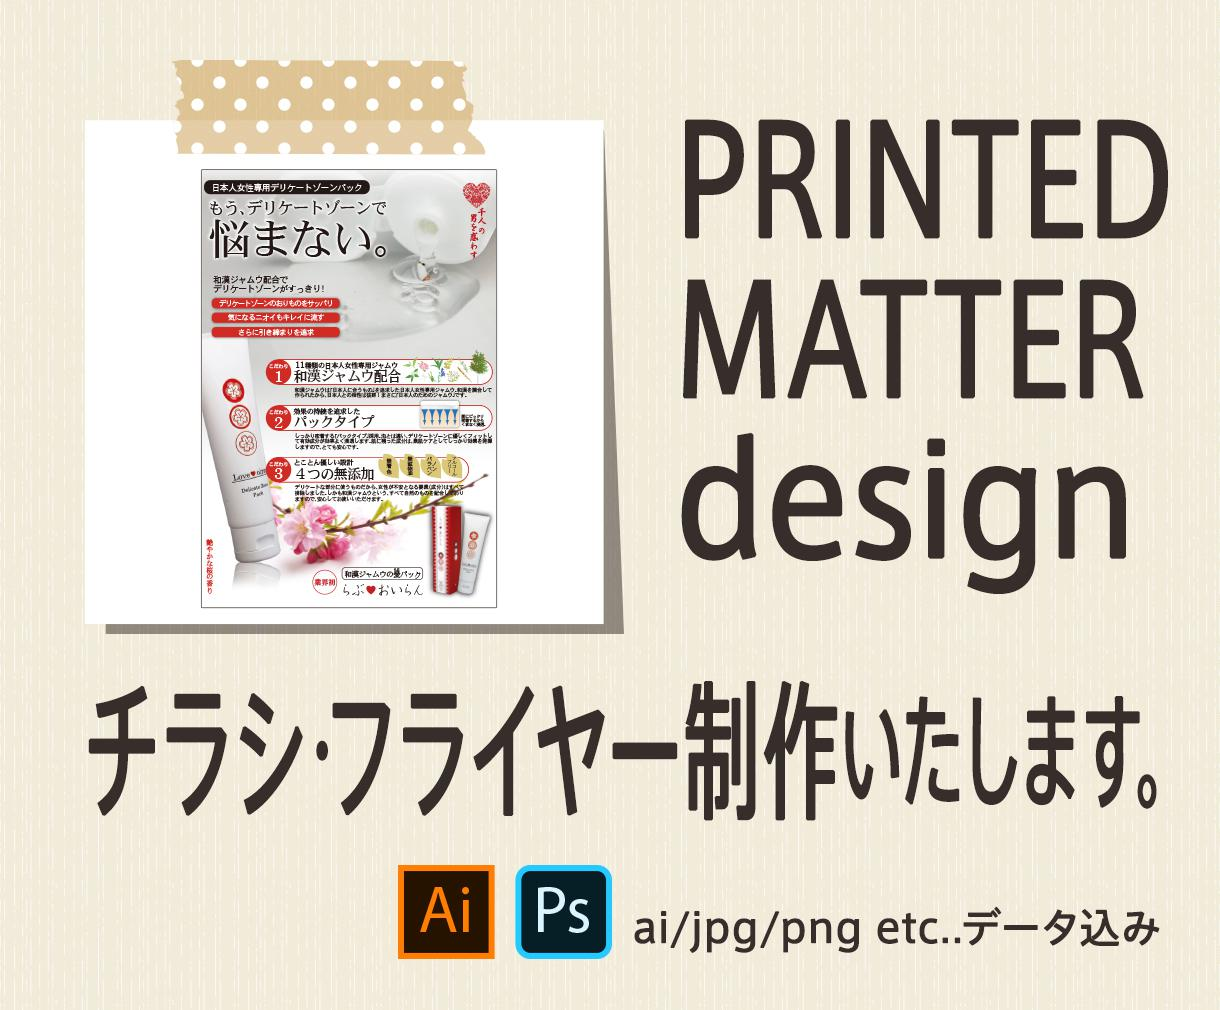 チラシ・フライヤーなど紙媒体の制作をいたします 印刷物のデザインをいたします。まずはご相談ください! イメージ1